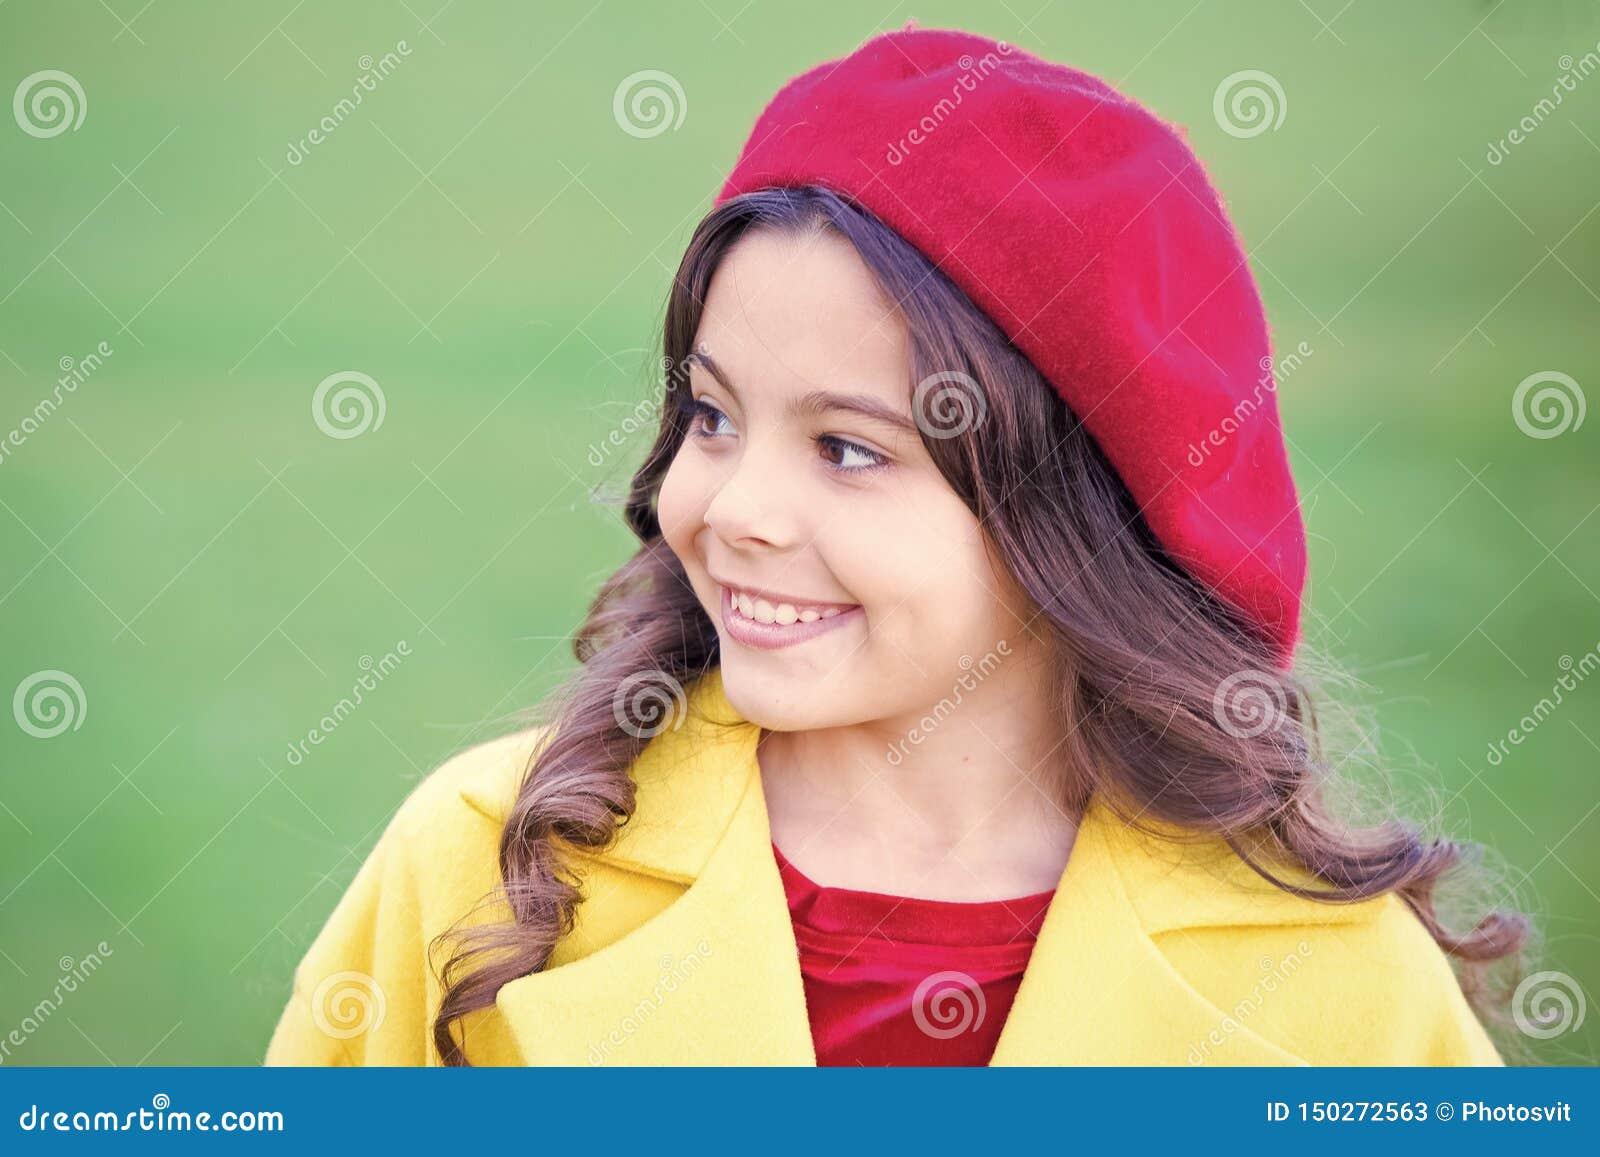 Spadek mody kapeluszowy akcesorium Francuski trendu sezon jesienny Powabnego francuza stylu modna dziewczyna Spadek mody poj?cie